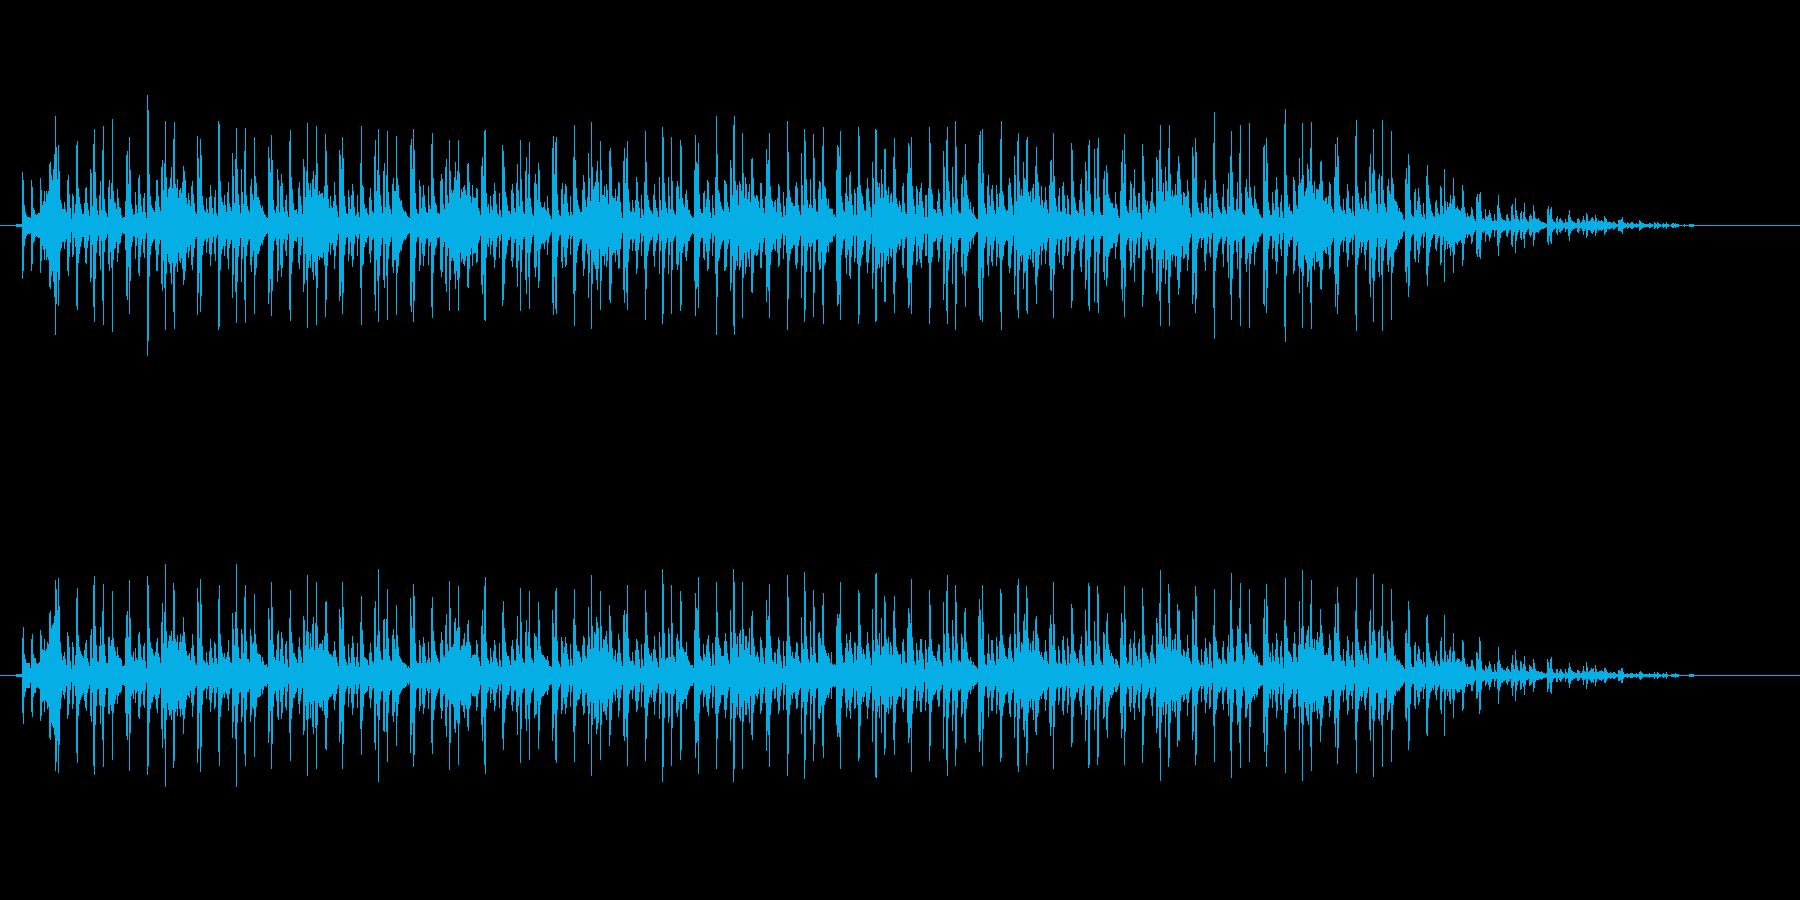 わくわくするディスコ調サウンドの再生済みの波形